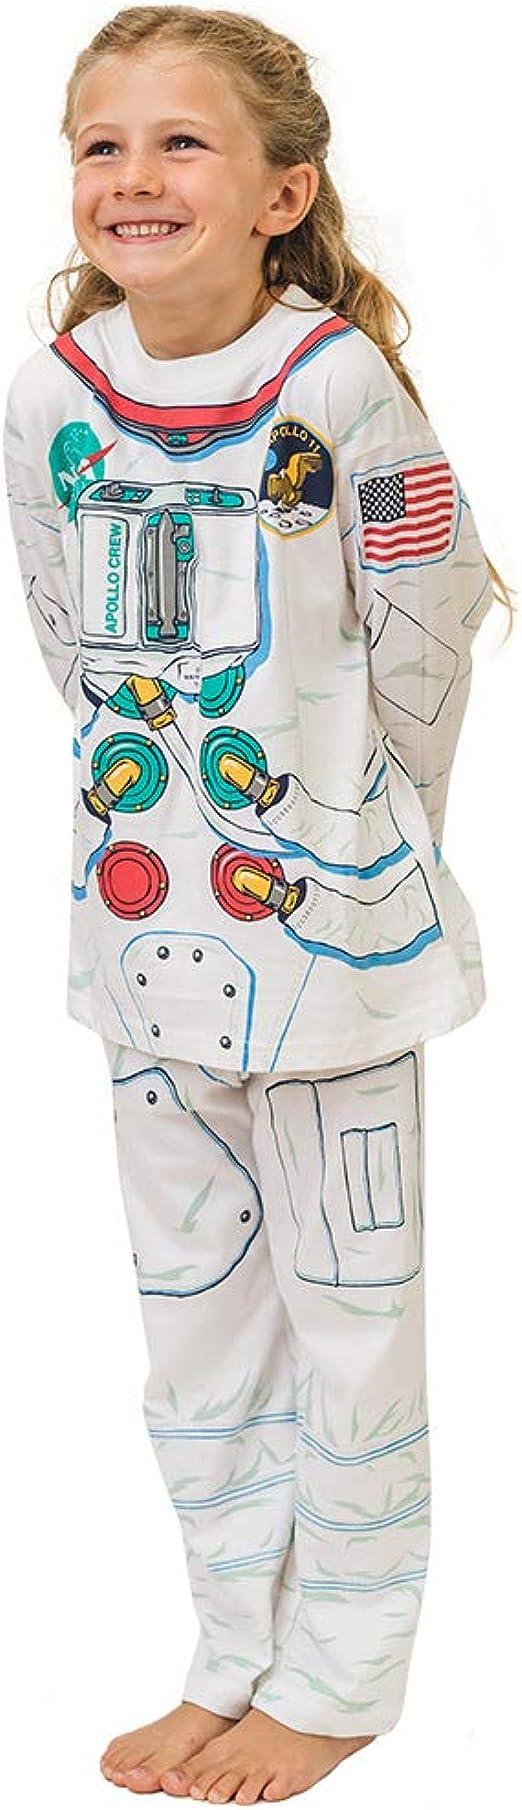 Pijama de Astronauta y Ropa Casera Divertida: Amazon.es: Ropa y ...